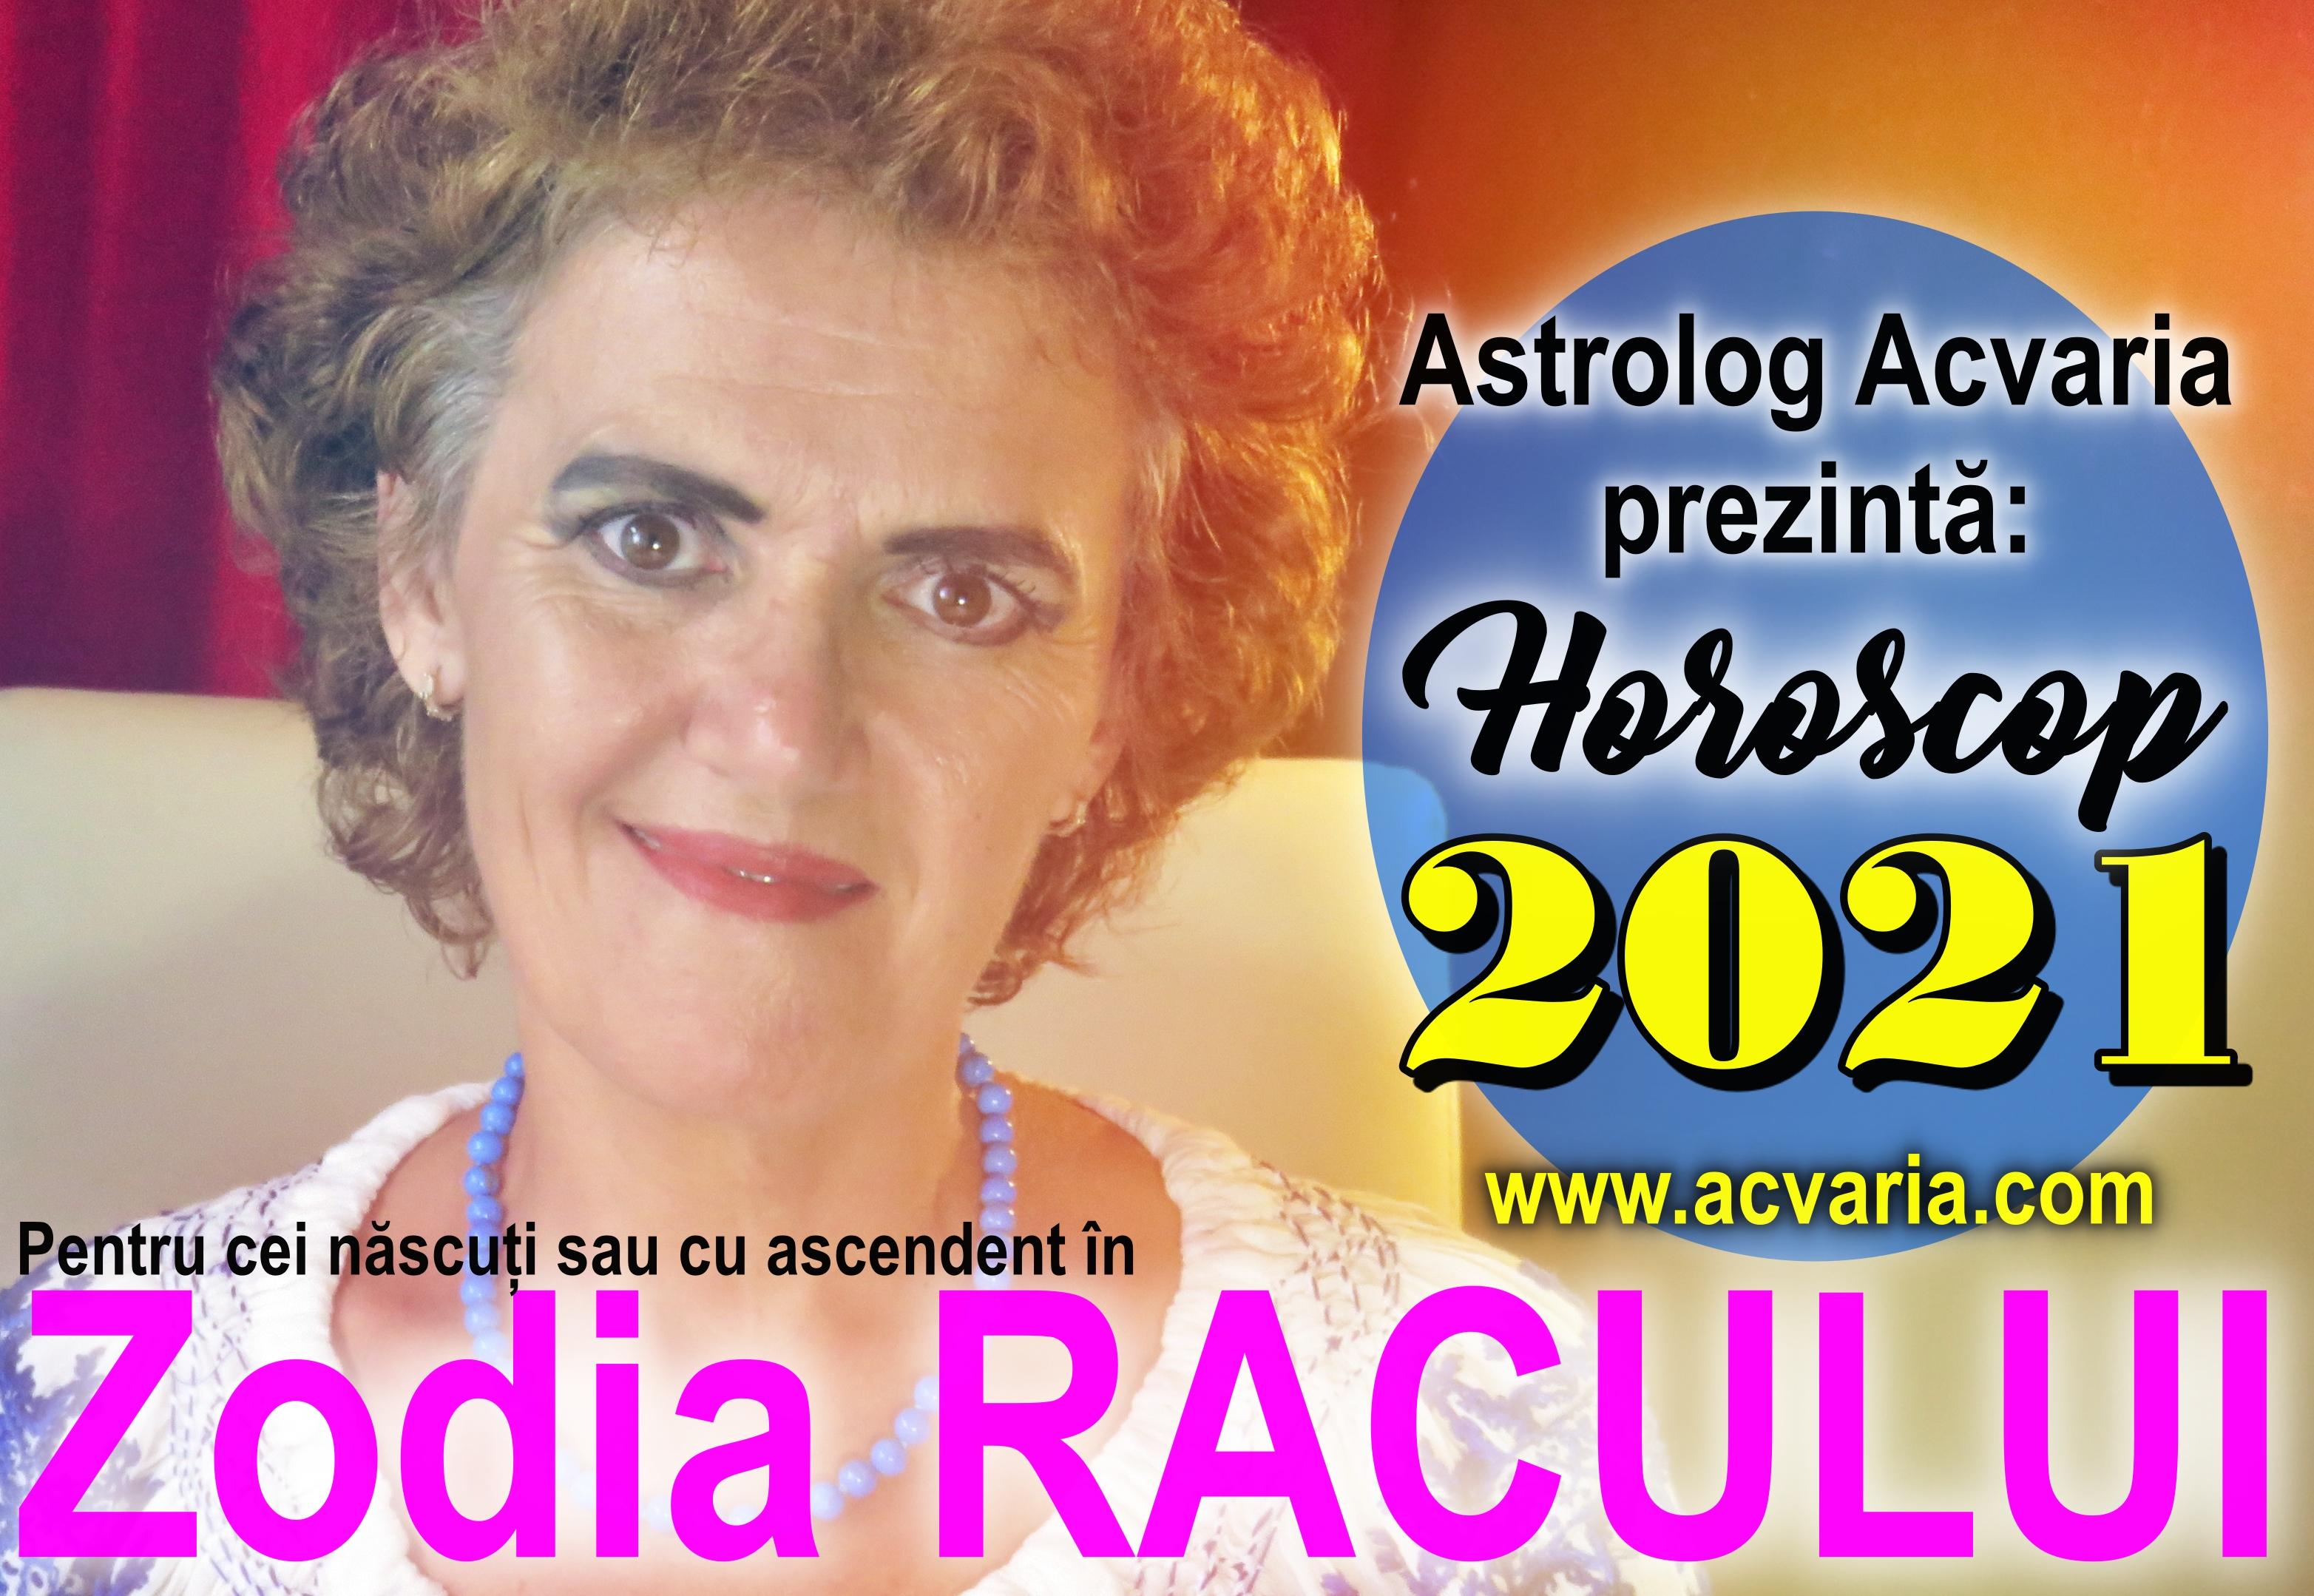 Horoscop 2021 * Zodia Racului